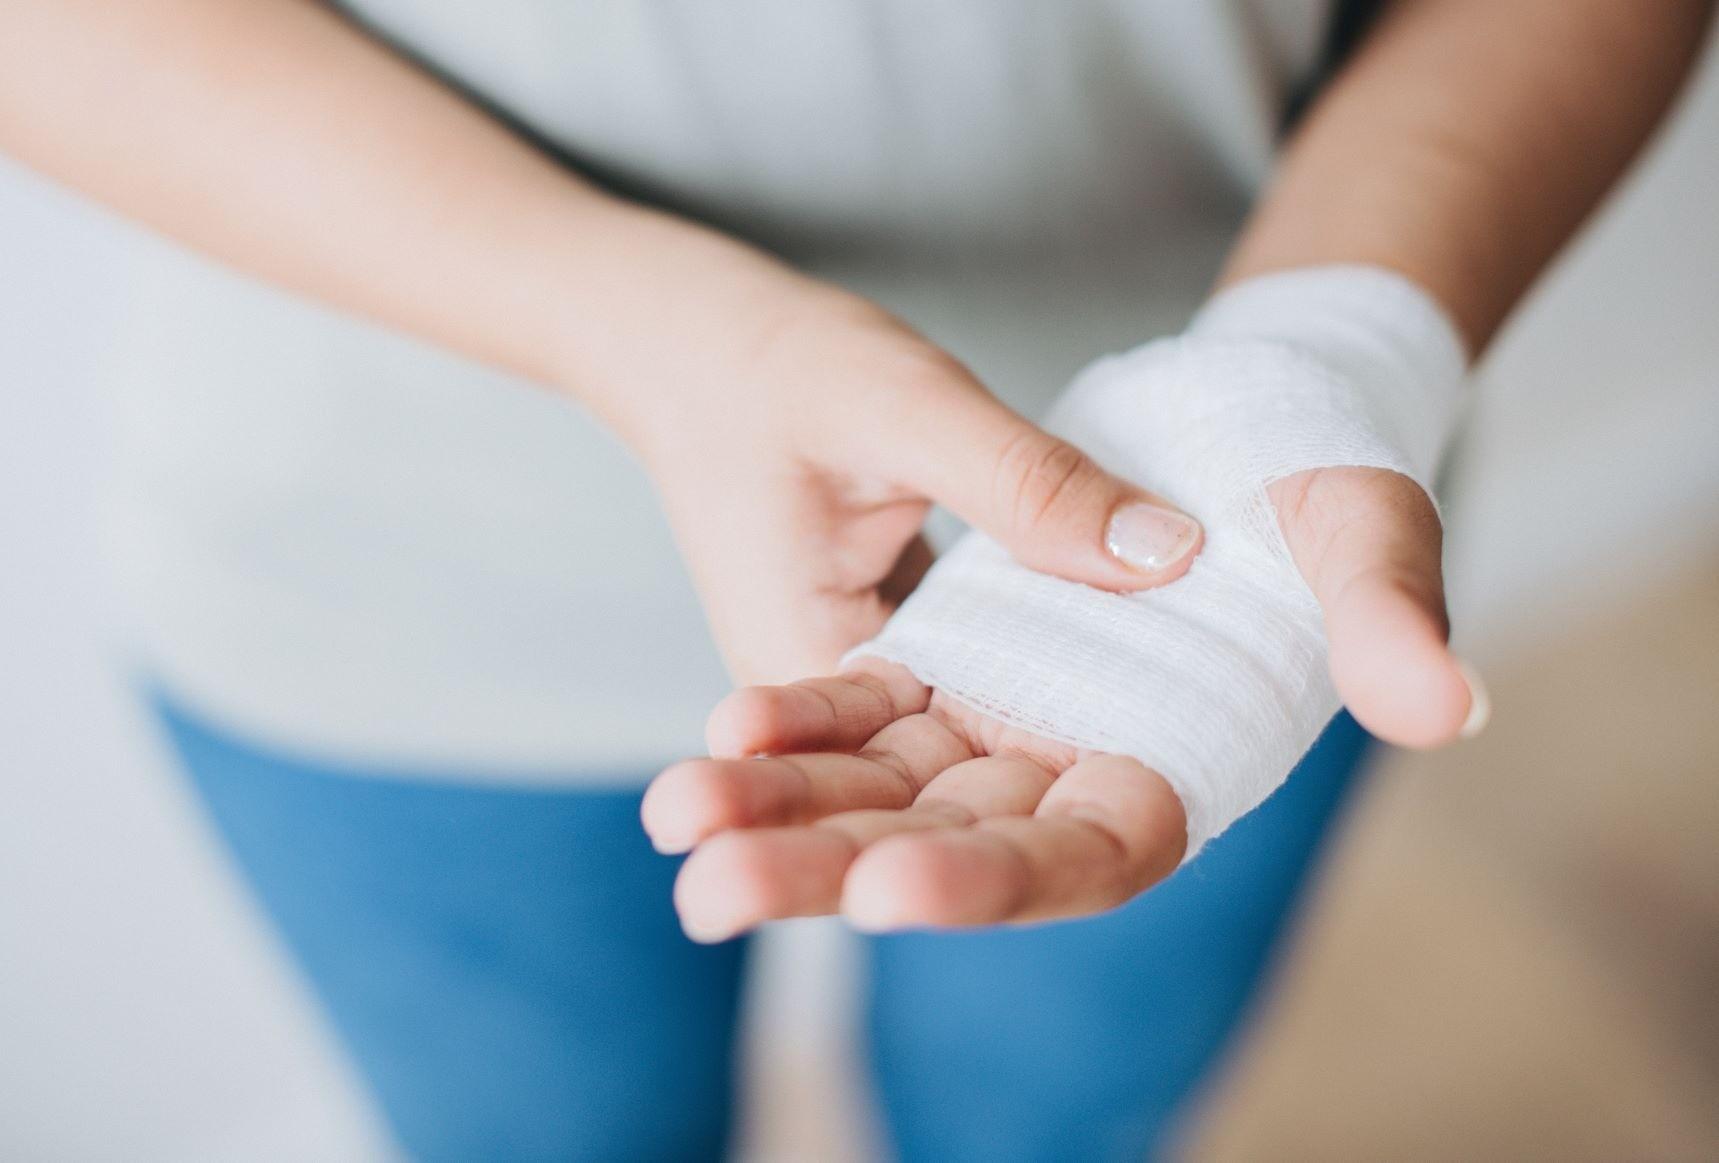 С каждым может случиться: оказание первой помощи при бытовых травмах